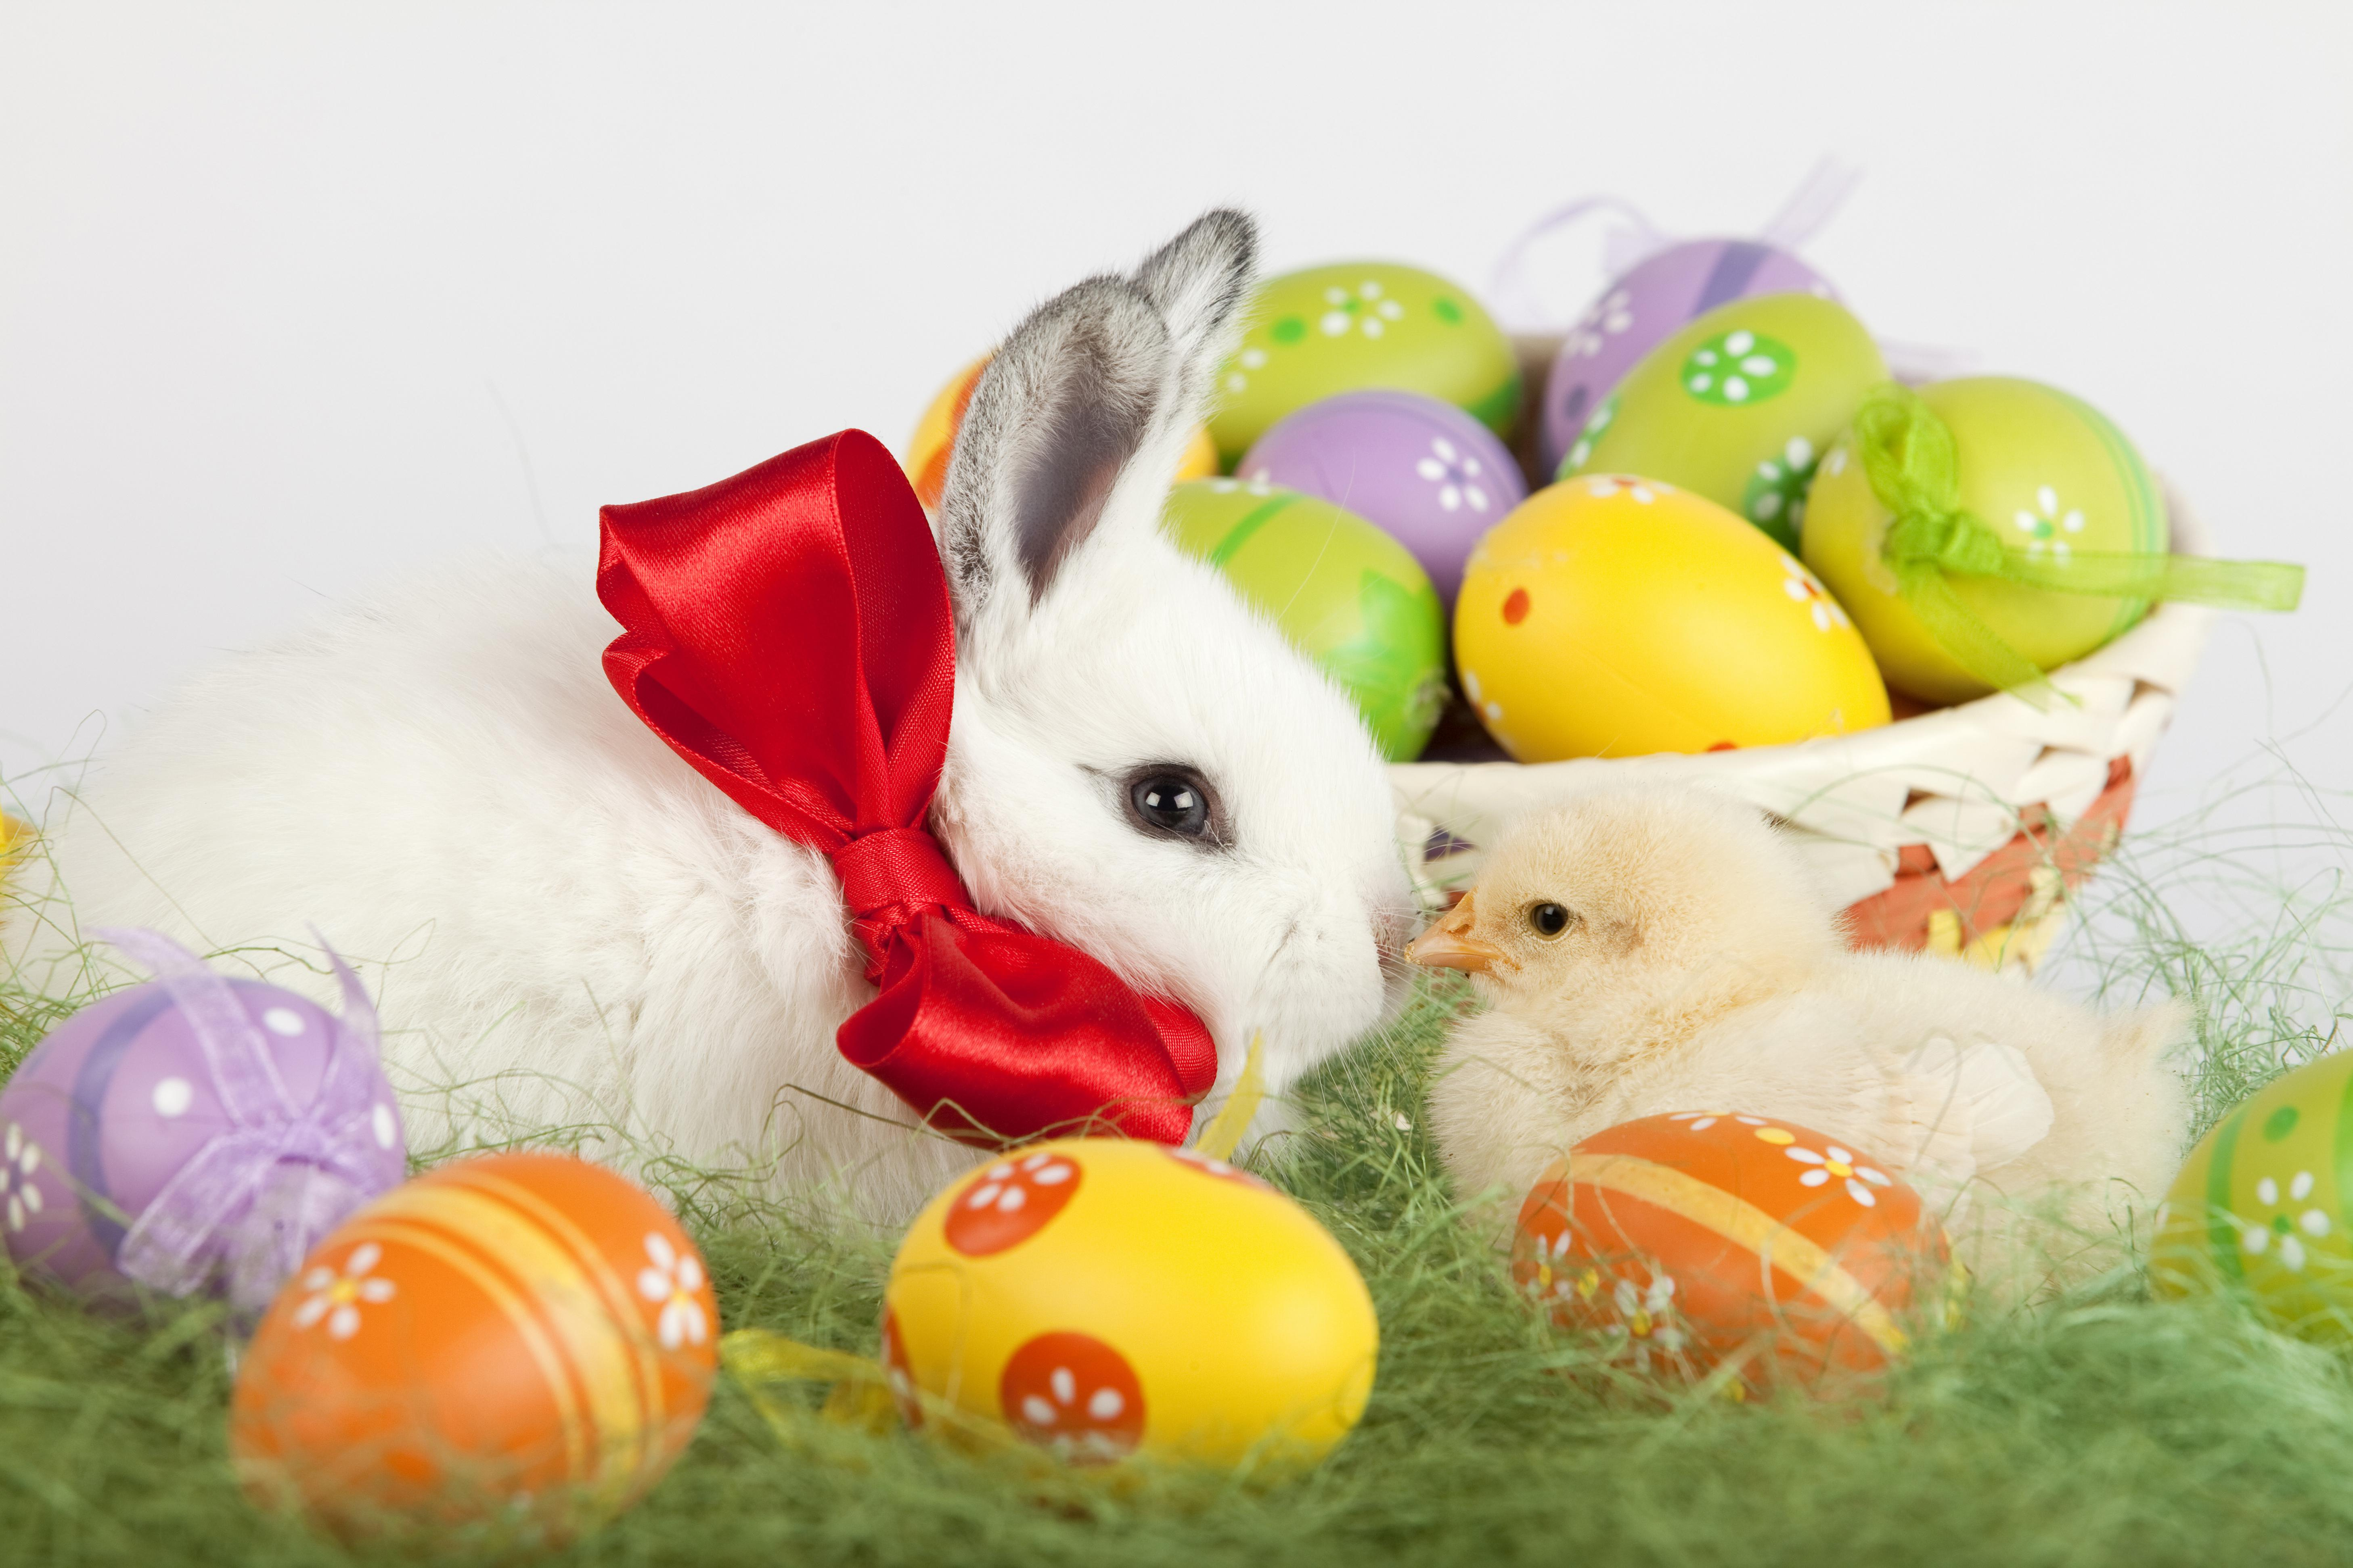 Easter bunny desktop wallpaper wallpapersafari - Easter desktop wallpaper ...